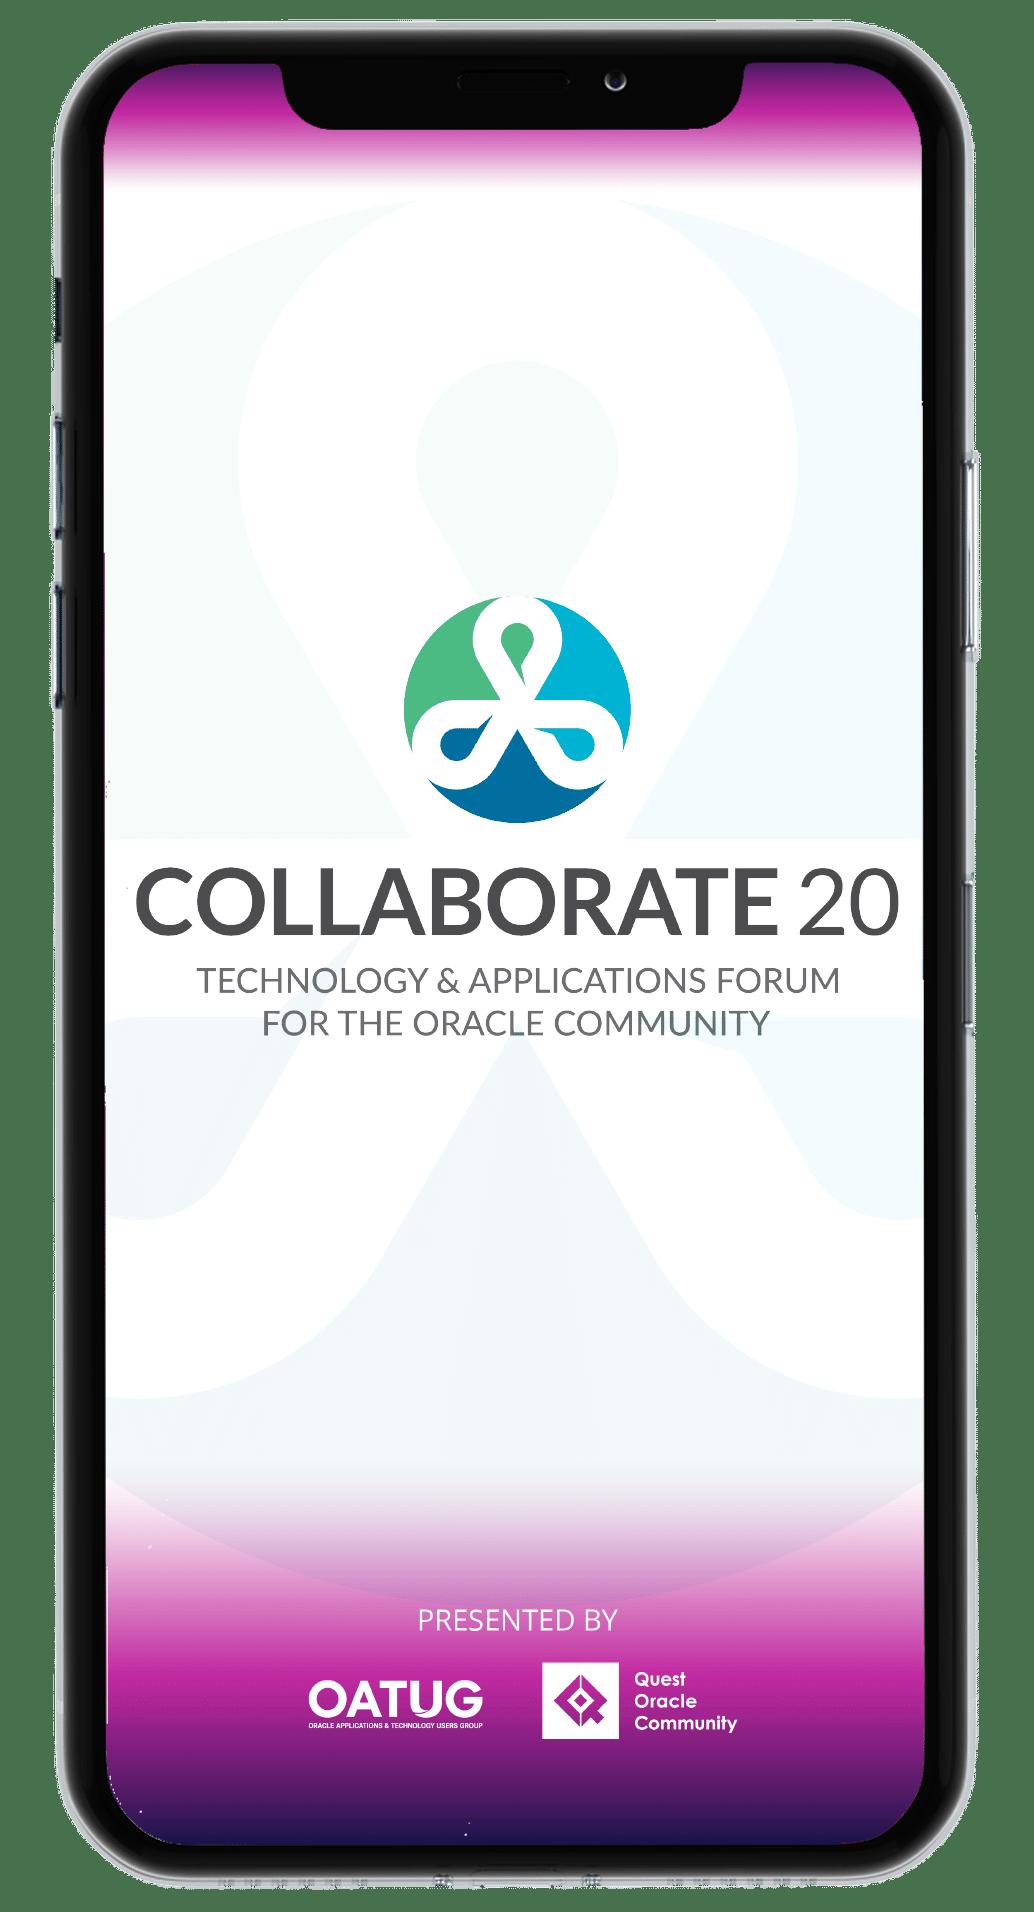 COLLABORATE 20 Mobile App